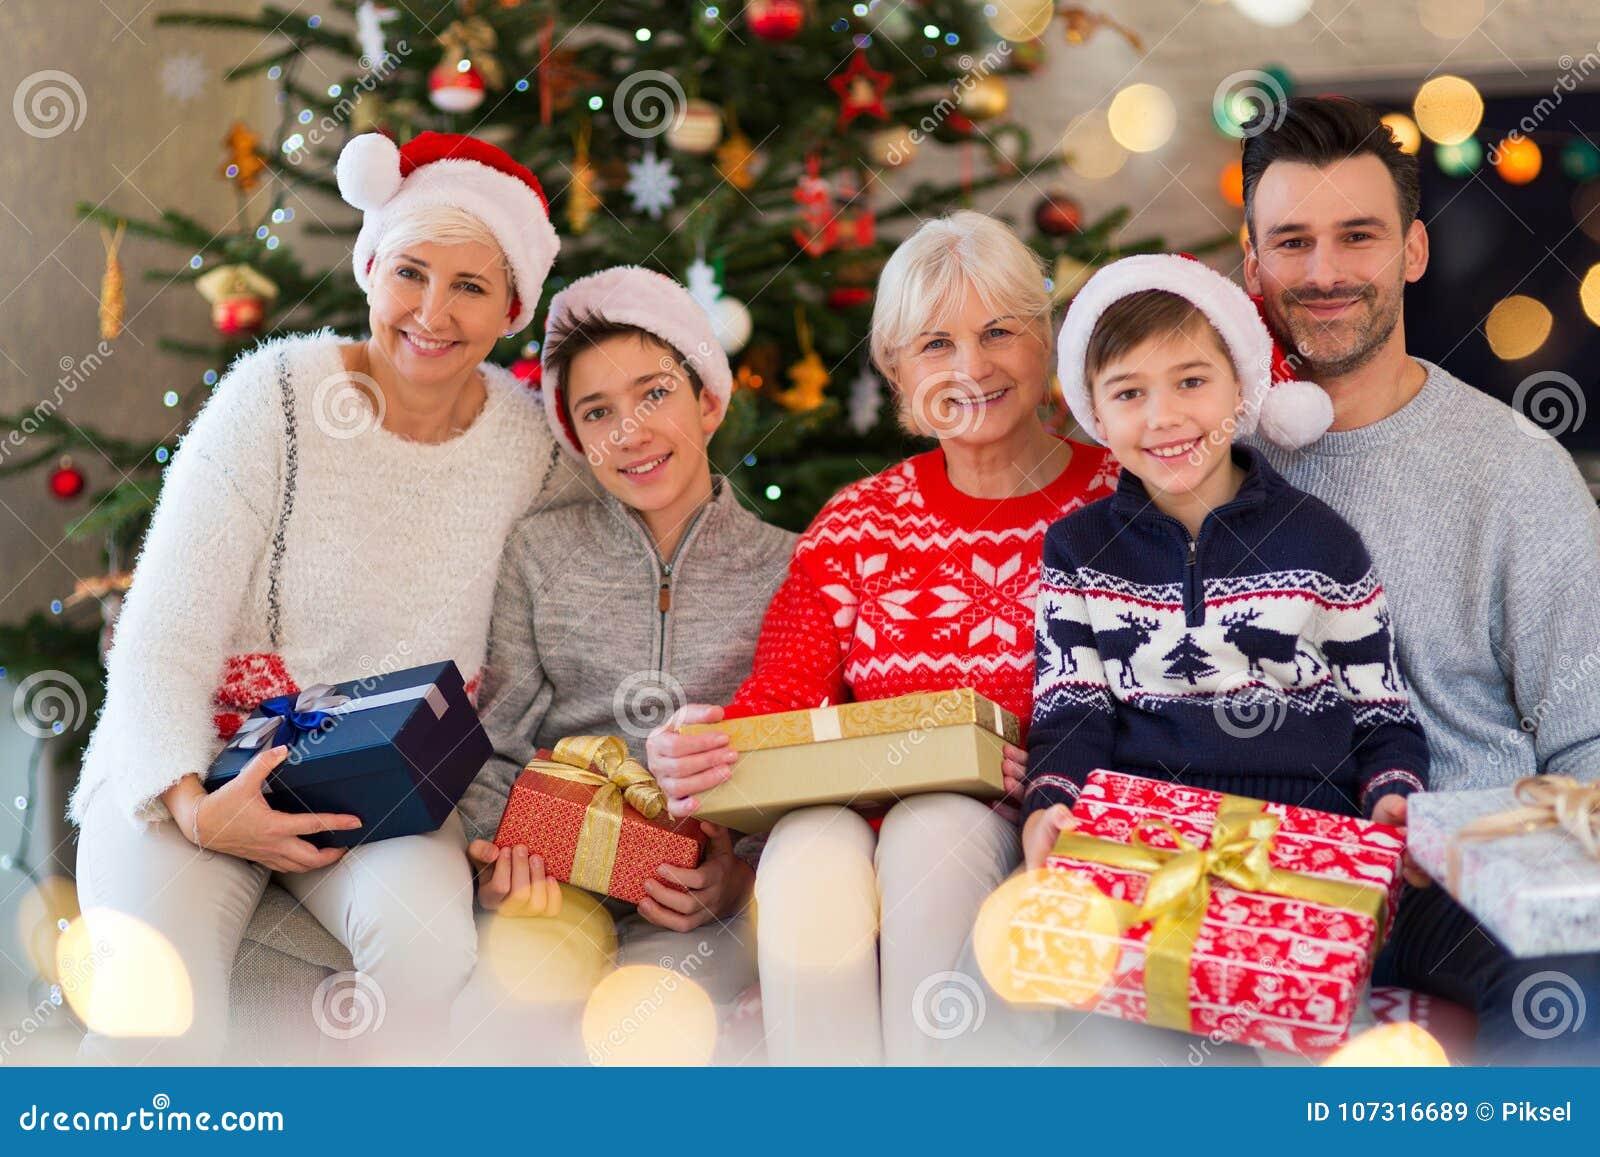 Regali Di Natale Famiglia.Famiglia Con I Regali Di Natale Immagine Stock Immagine Di Cinque